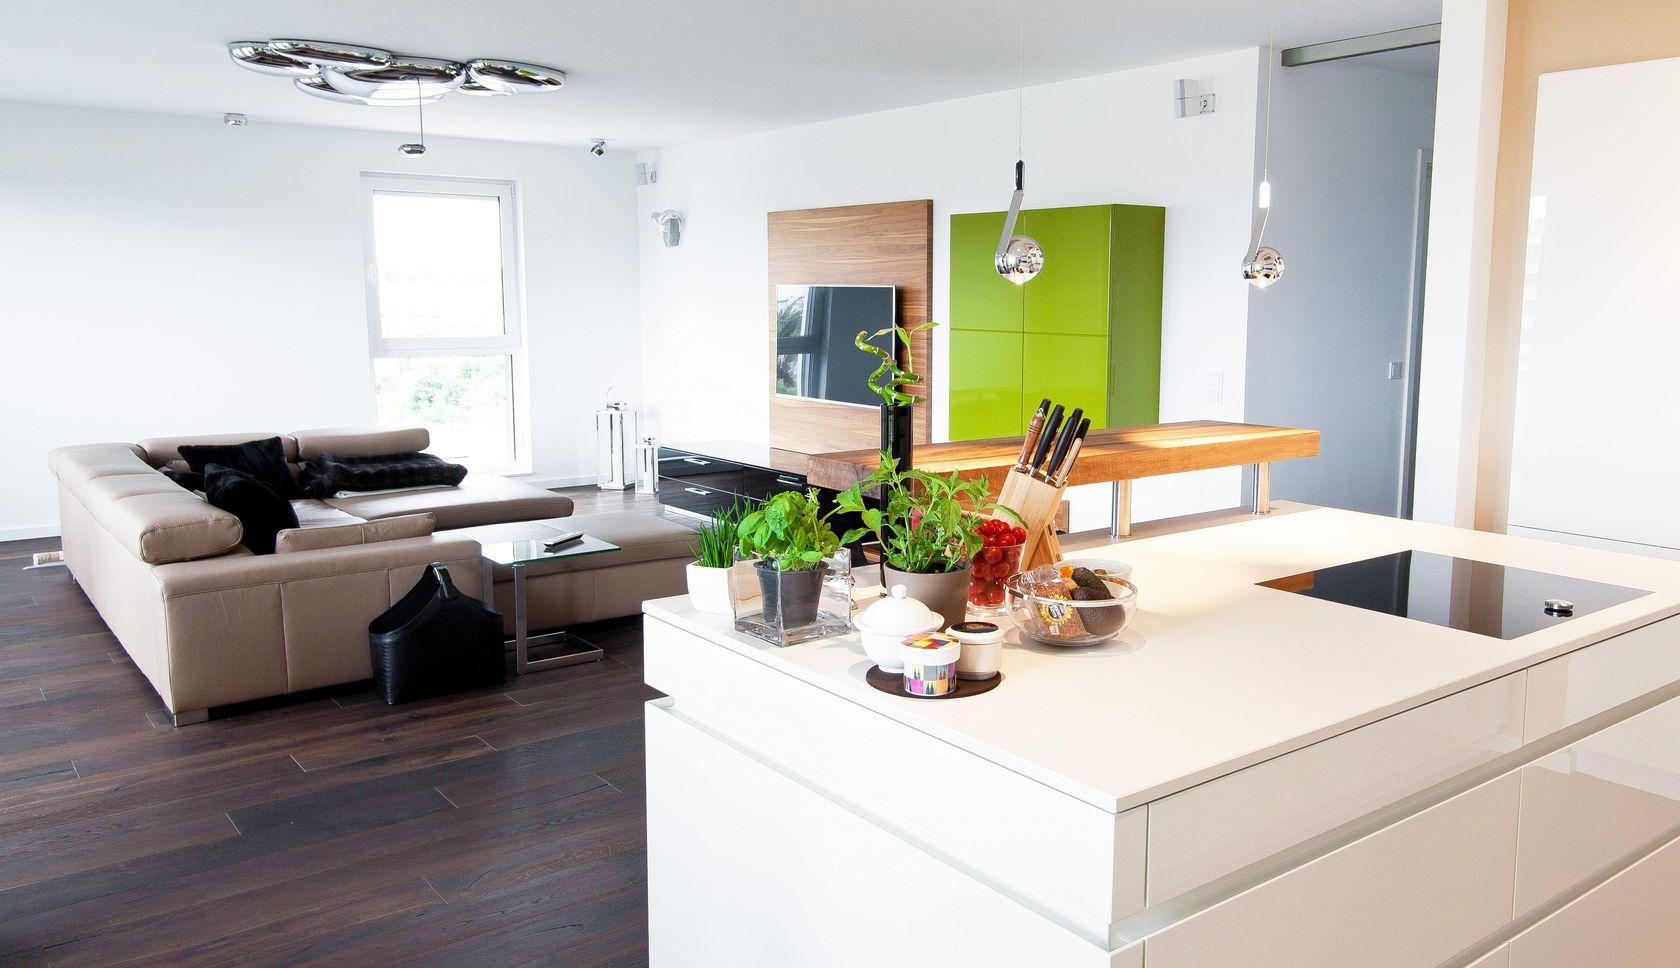 Küchentraum kochinsel küchentraum in hochglanz weiß mit theke und modernster